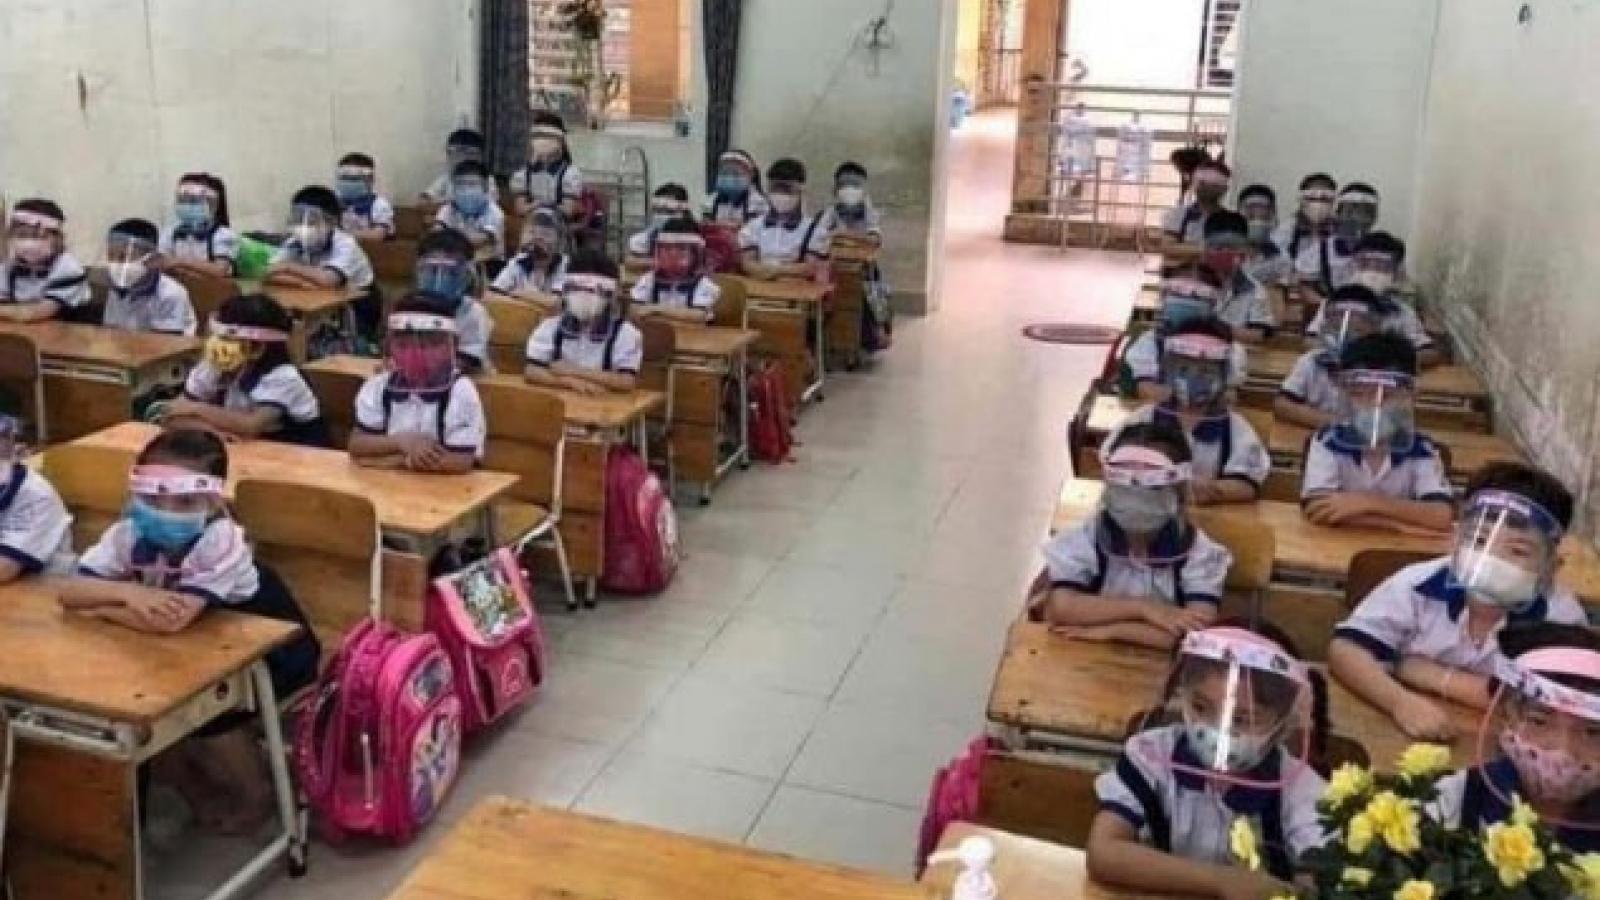 Chủ tịch Hà Nội: Không nên chia giờ học, chỉ cần đo thân nhiệt và đeo khẩu trang